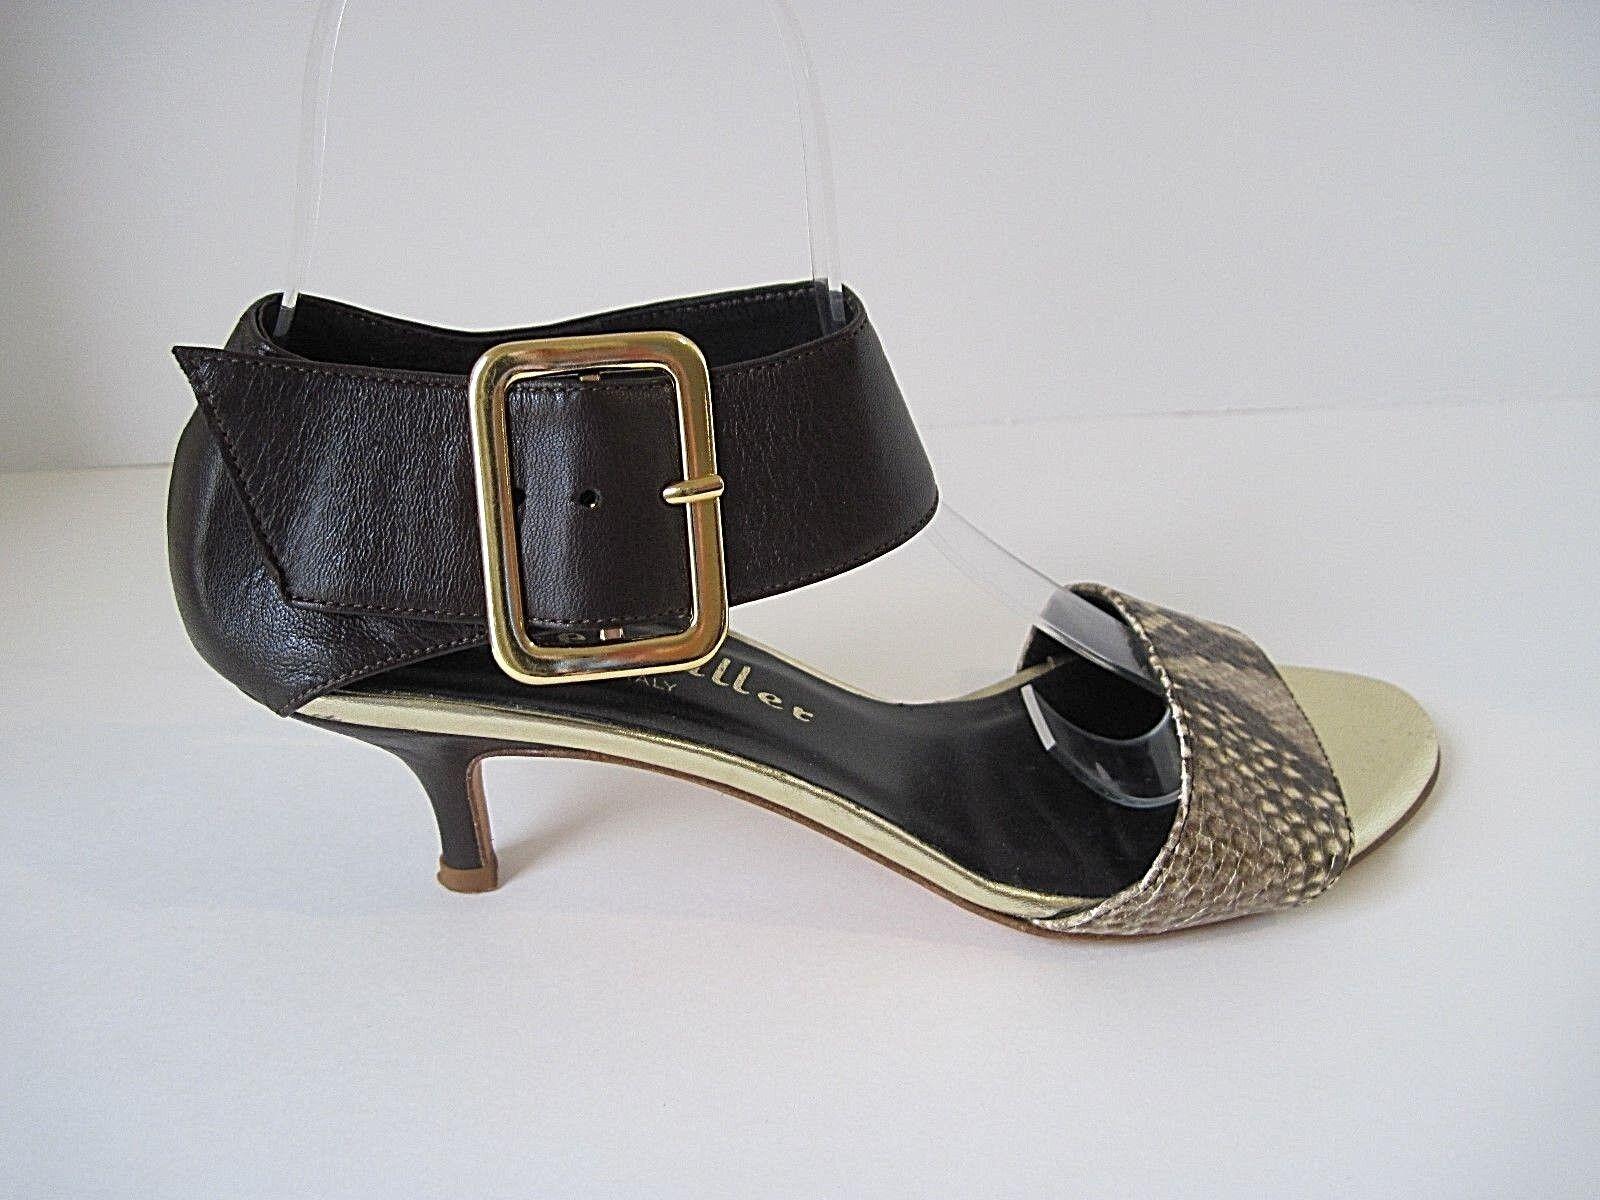 Spedizione gratuita al 100% Bettye Muller Bridget Marrone Leather Snakeskin Kitten Heel Sandal Dimensione Dimensione Dimensione 36 1 2  tempo libero